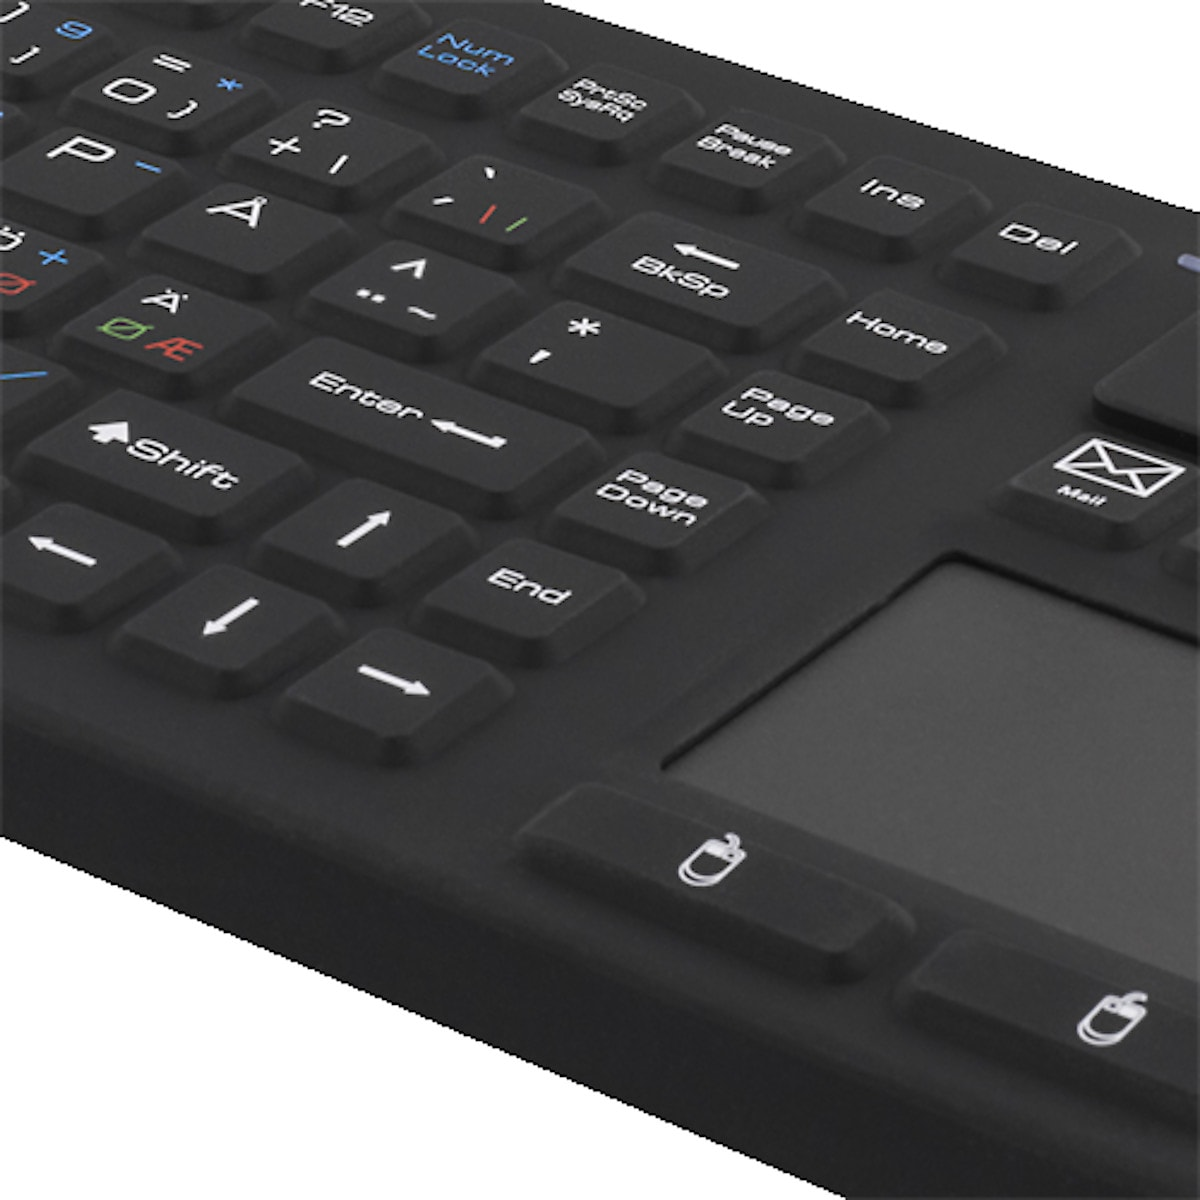 Trådlöst tangentbord med touchplatta Deltaco TB-503